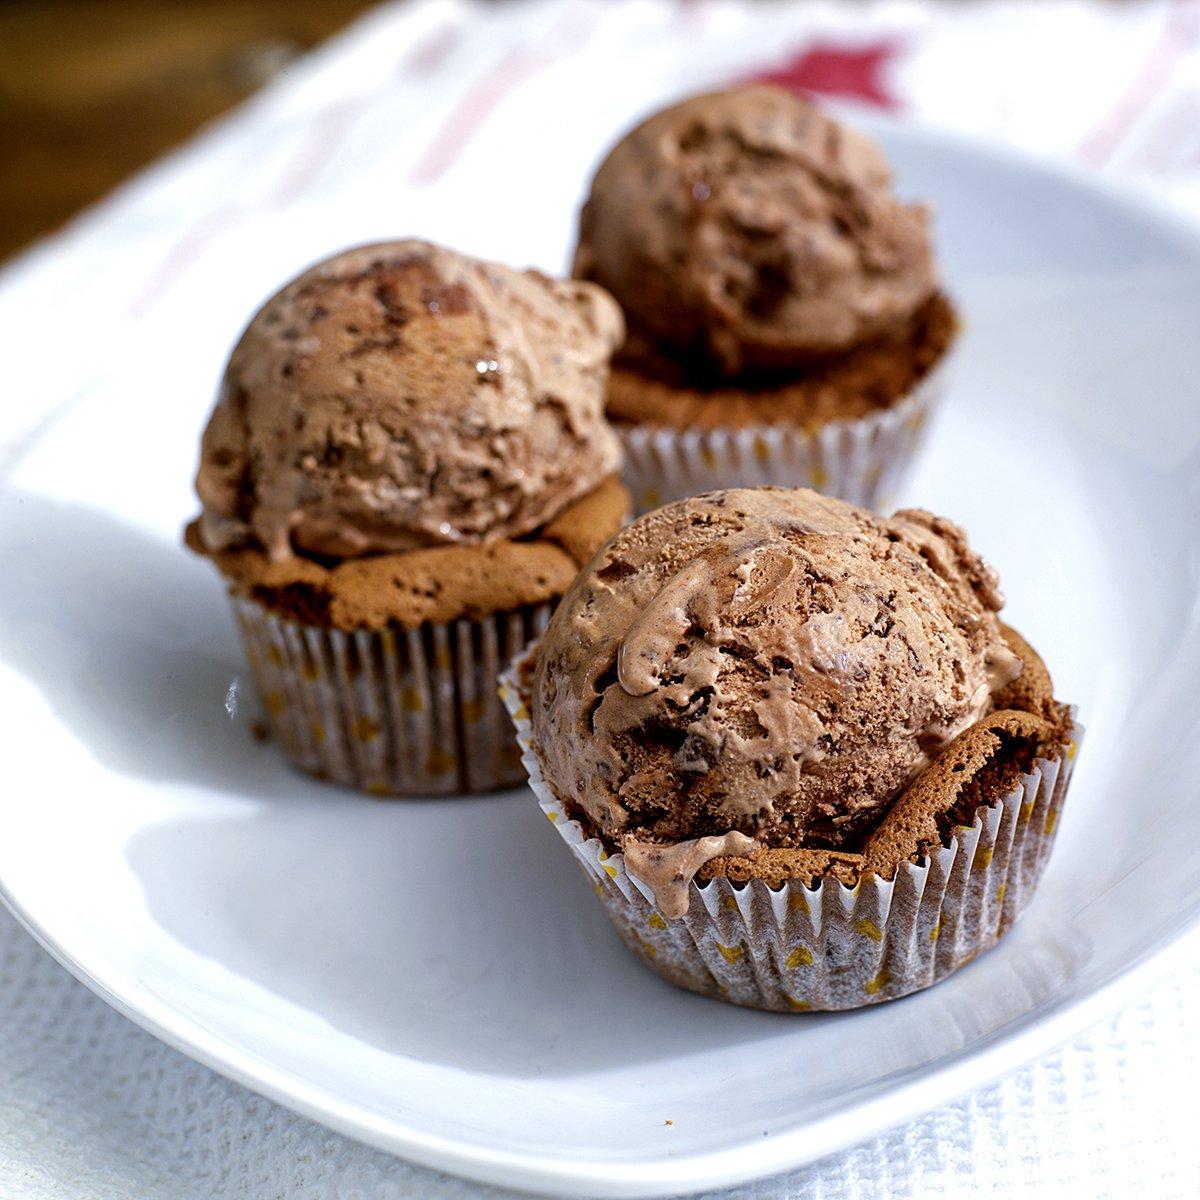 Fantastisk gode sjokolademuffins!